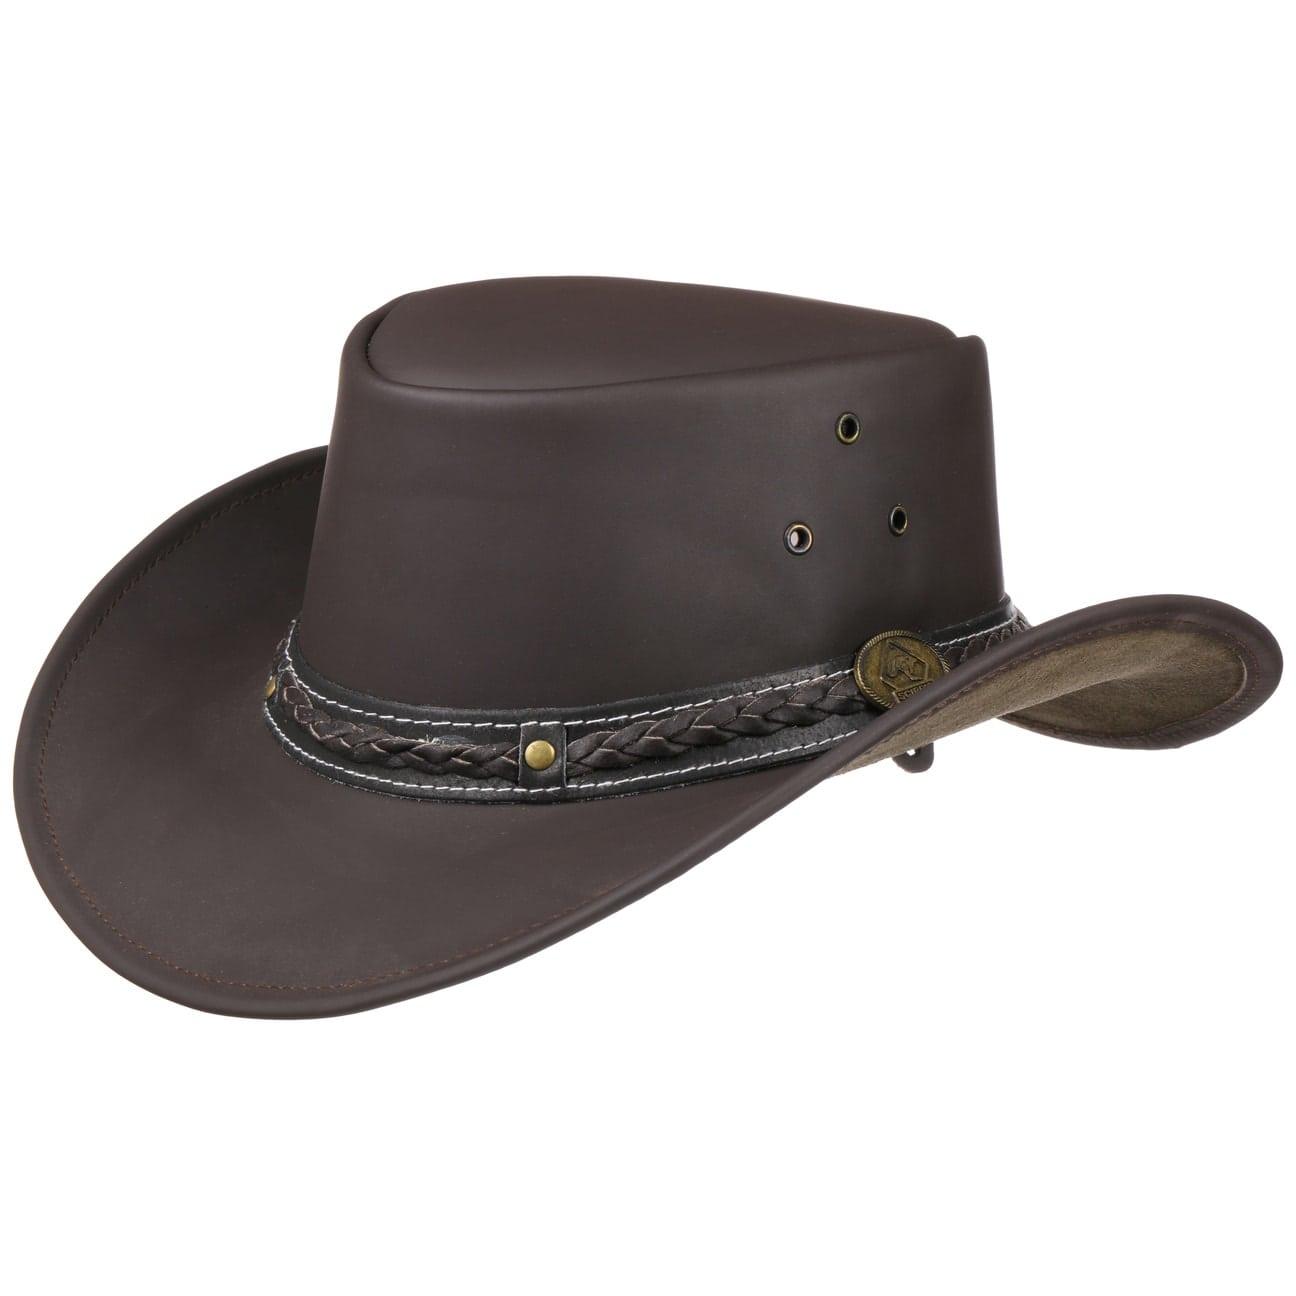 Sombrero de Piel Borderland  sombrero de piel lisa